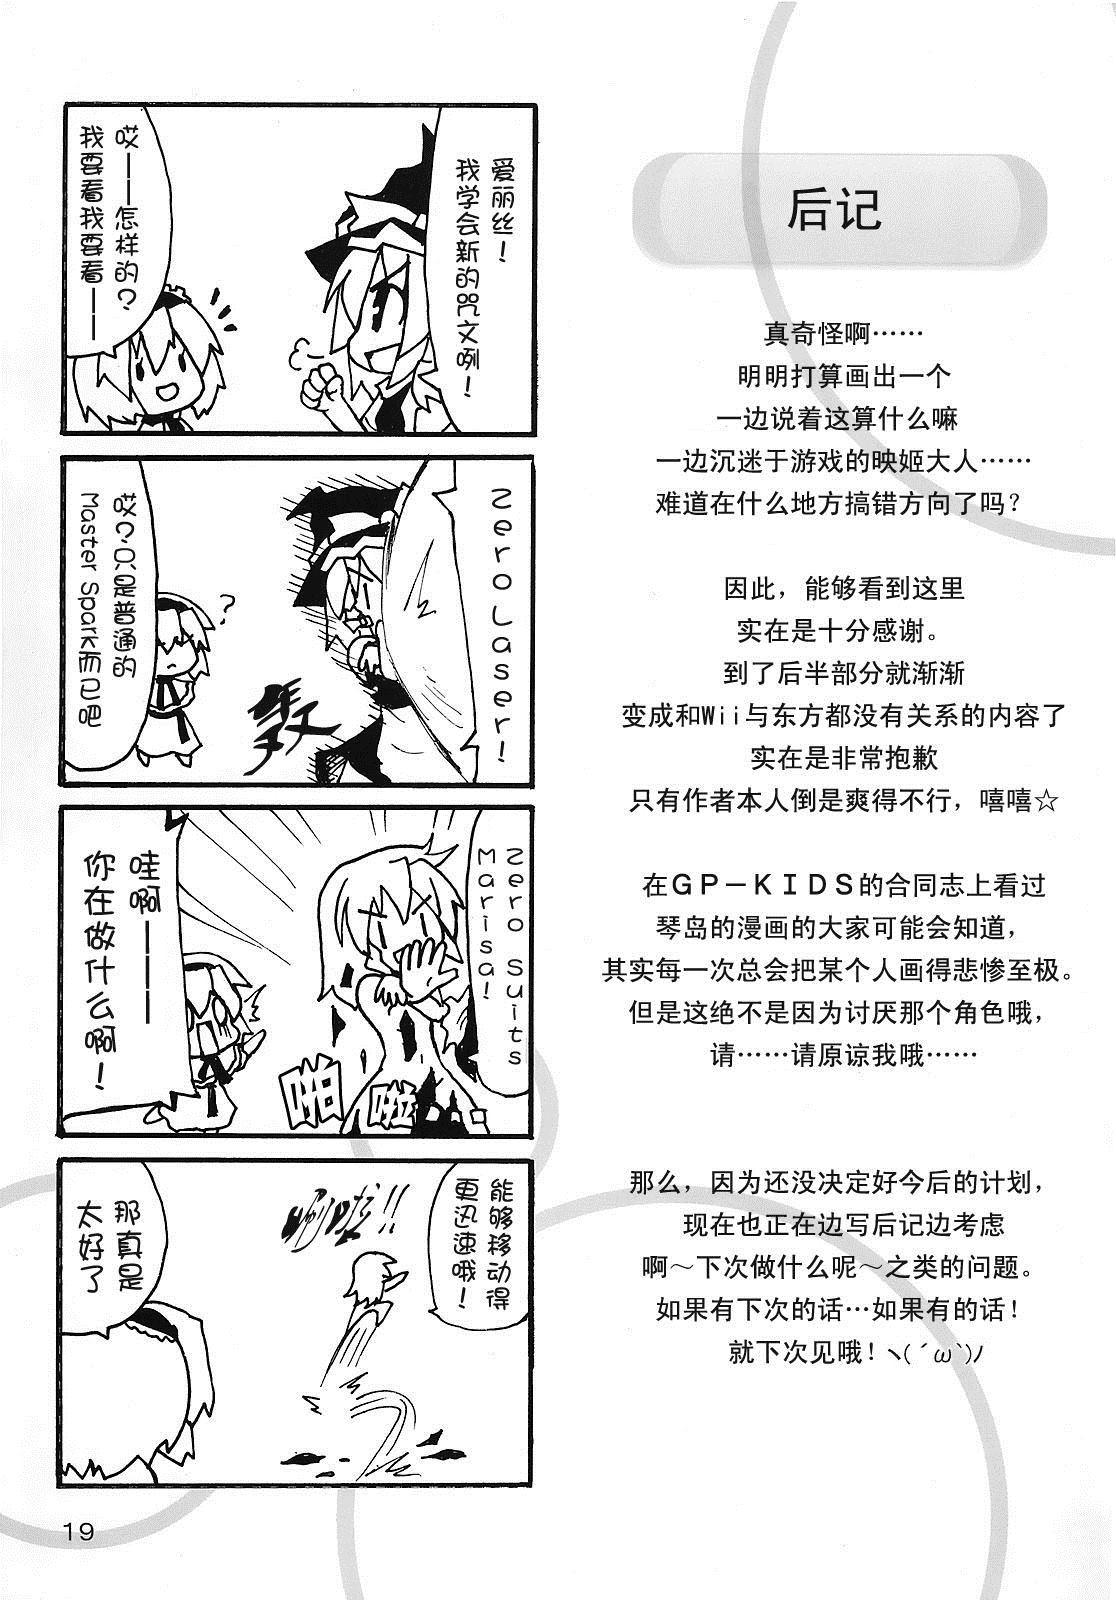 与映姬大人一起玩Wii! - 第1话 - 3